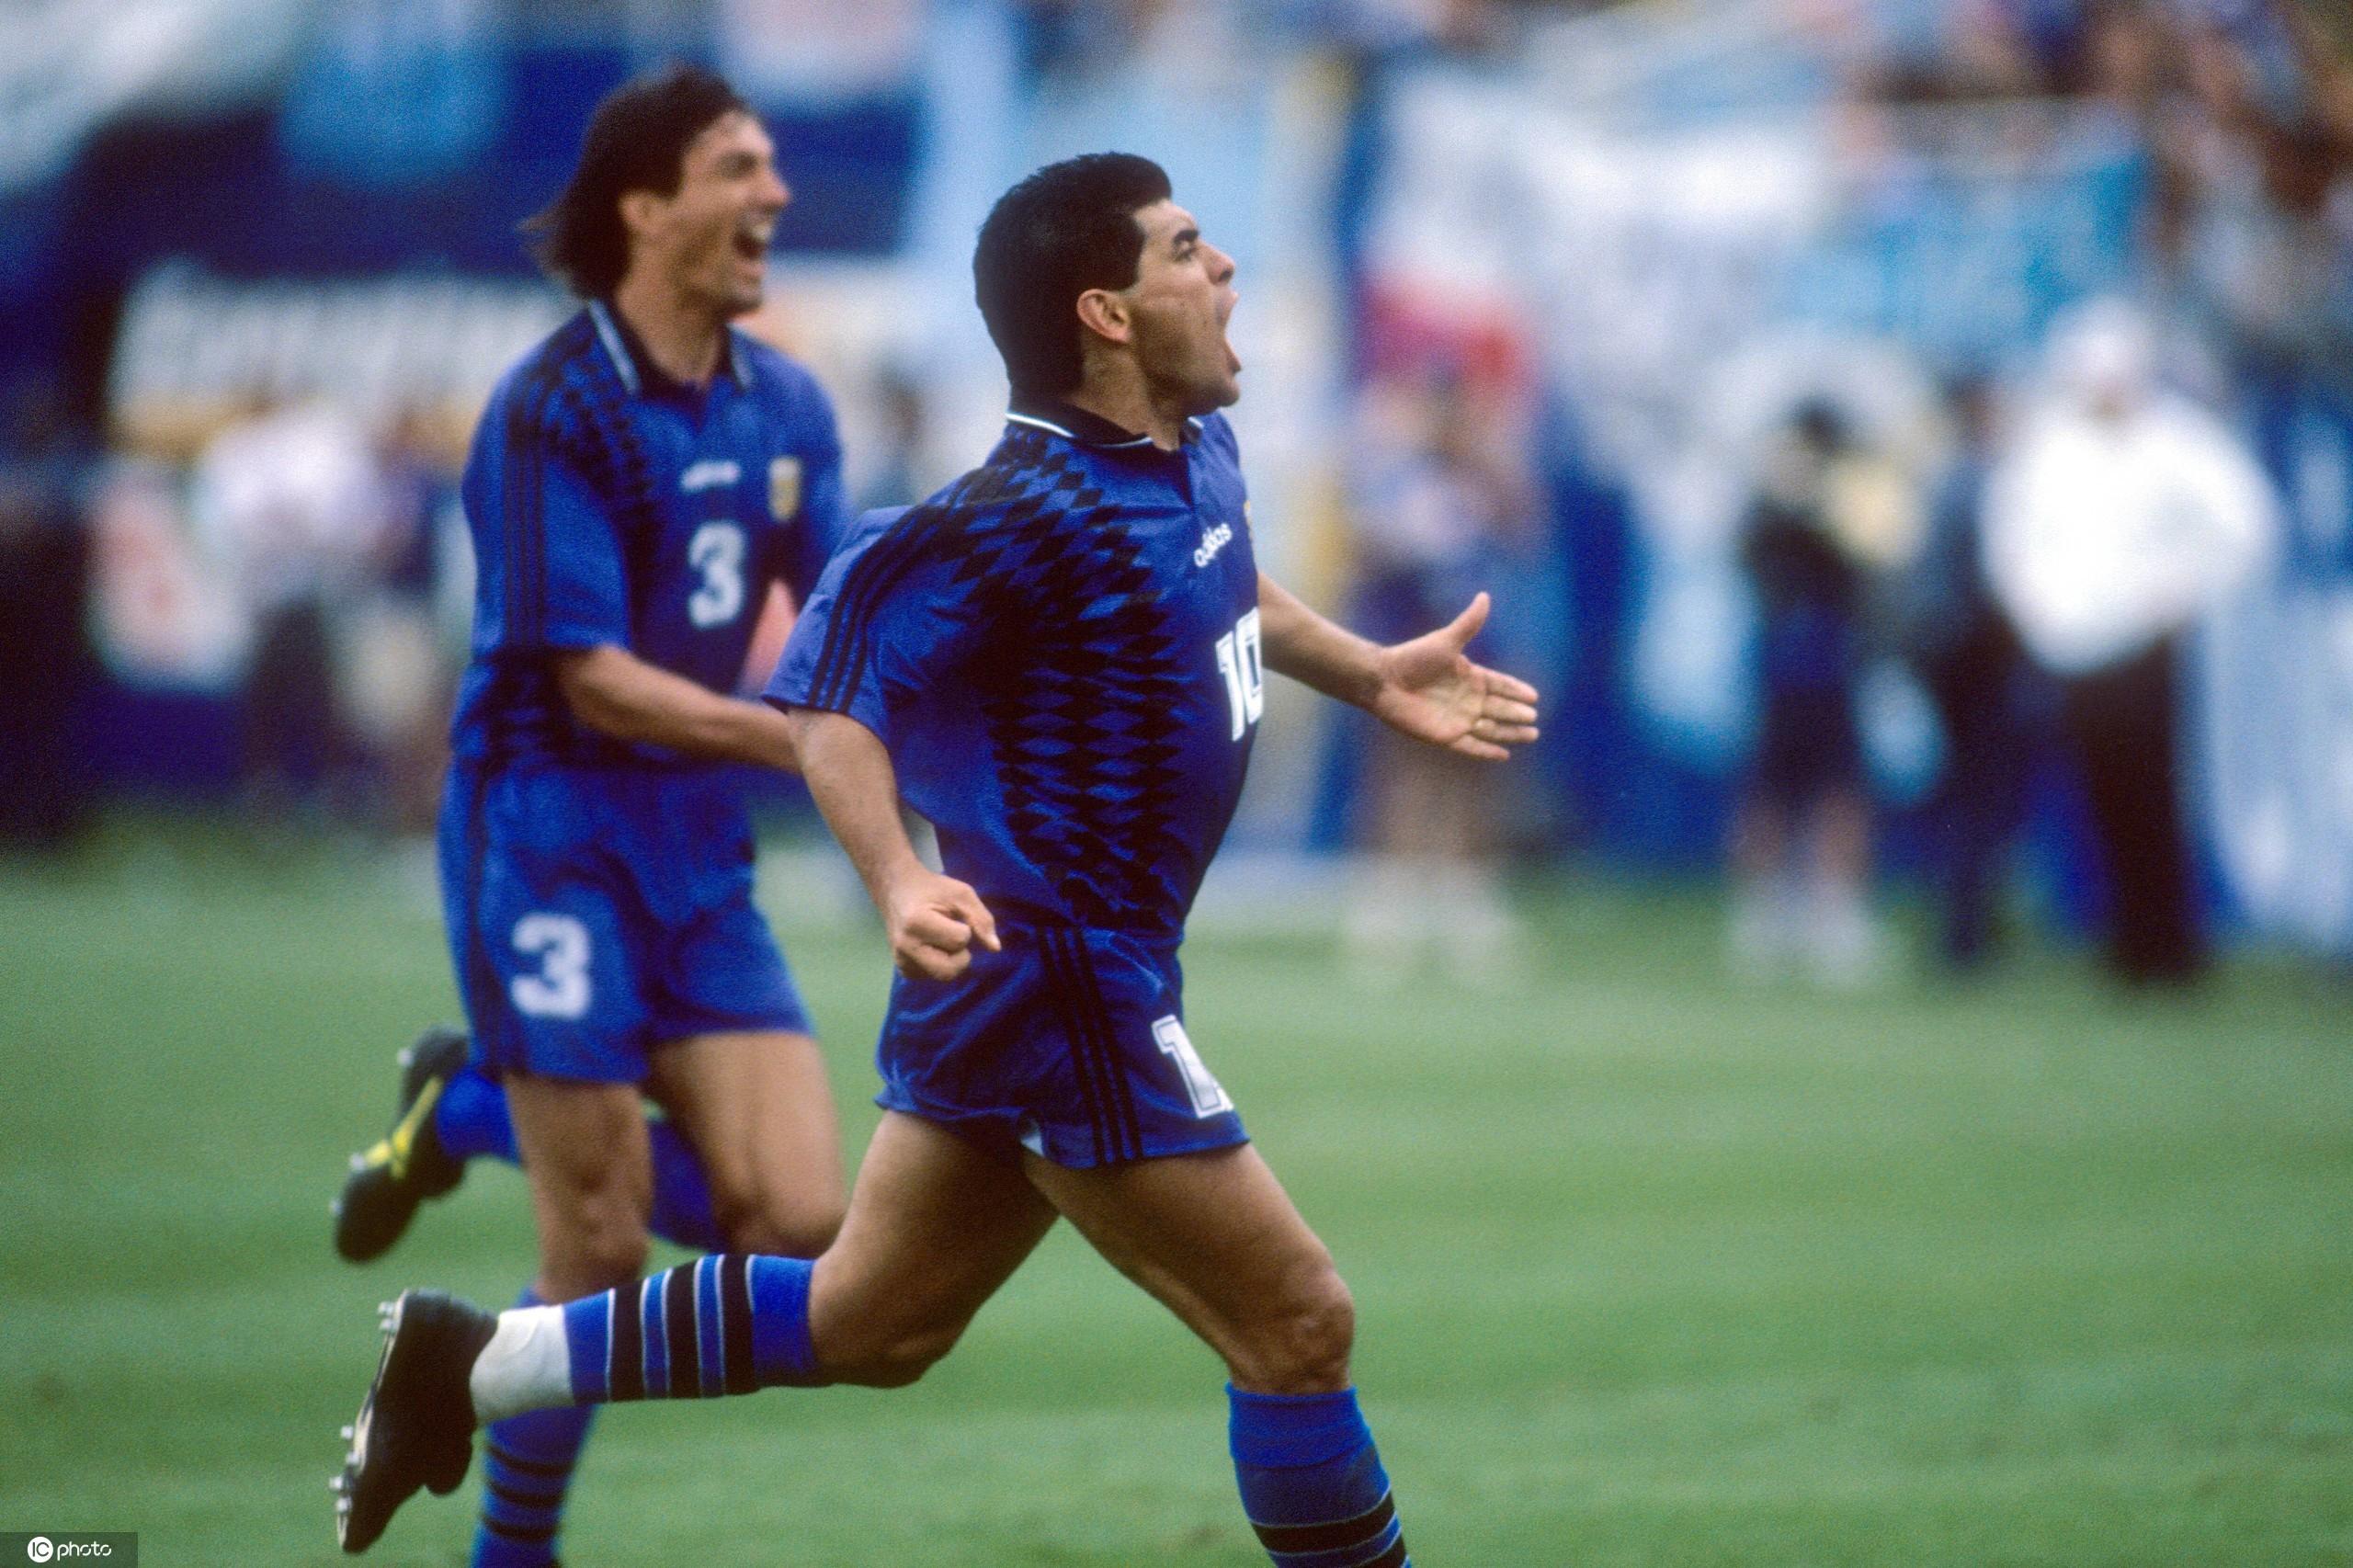 图集:再见迭戈!一组图回顾马拉多纳的足球生涯